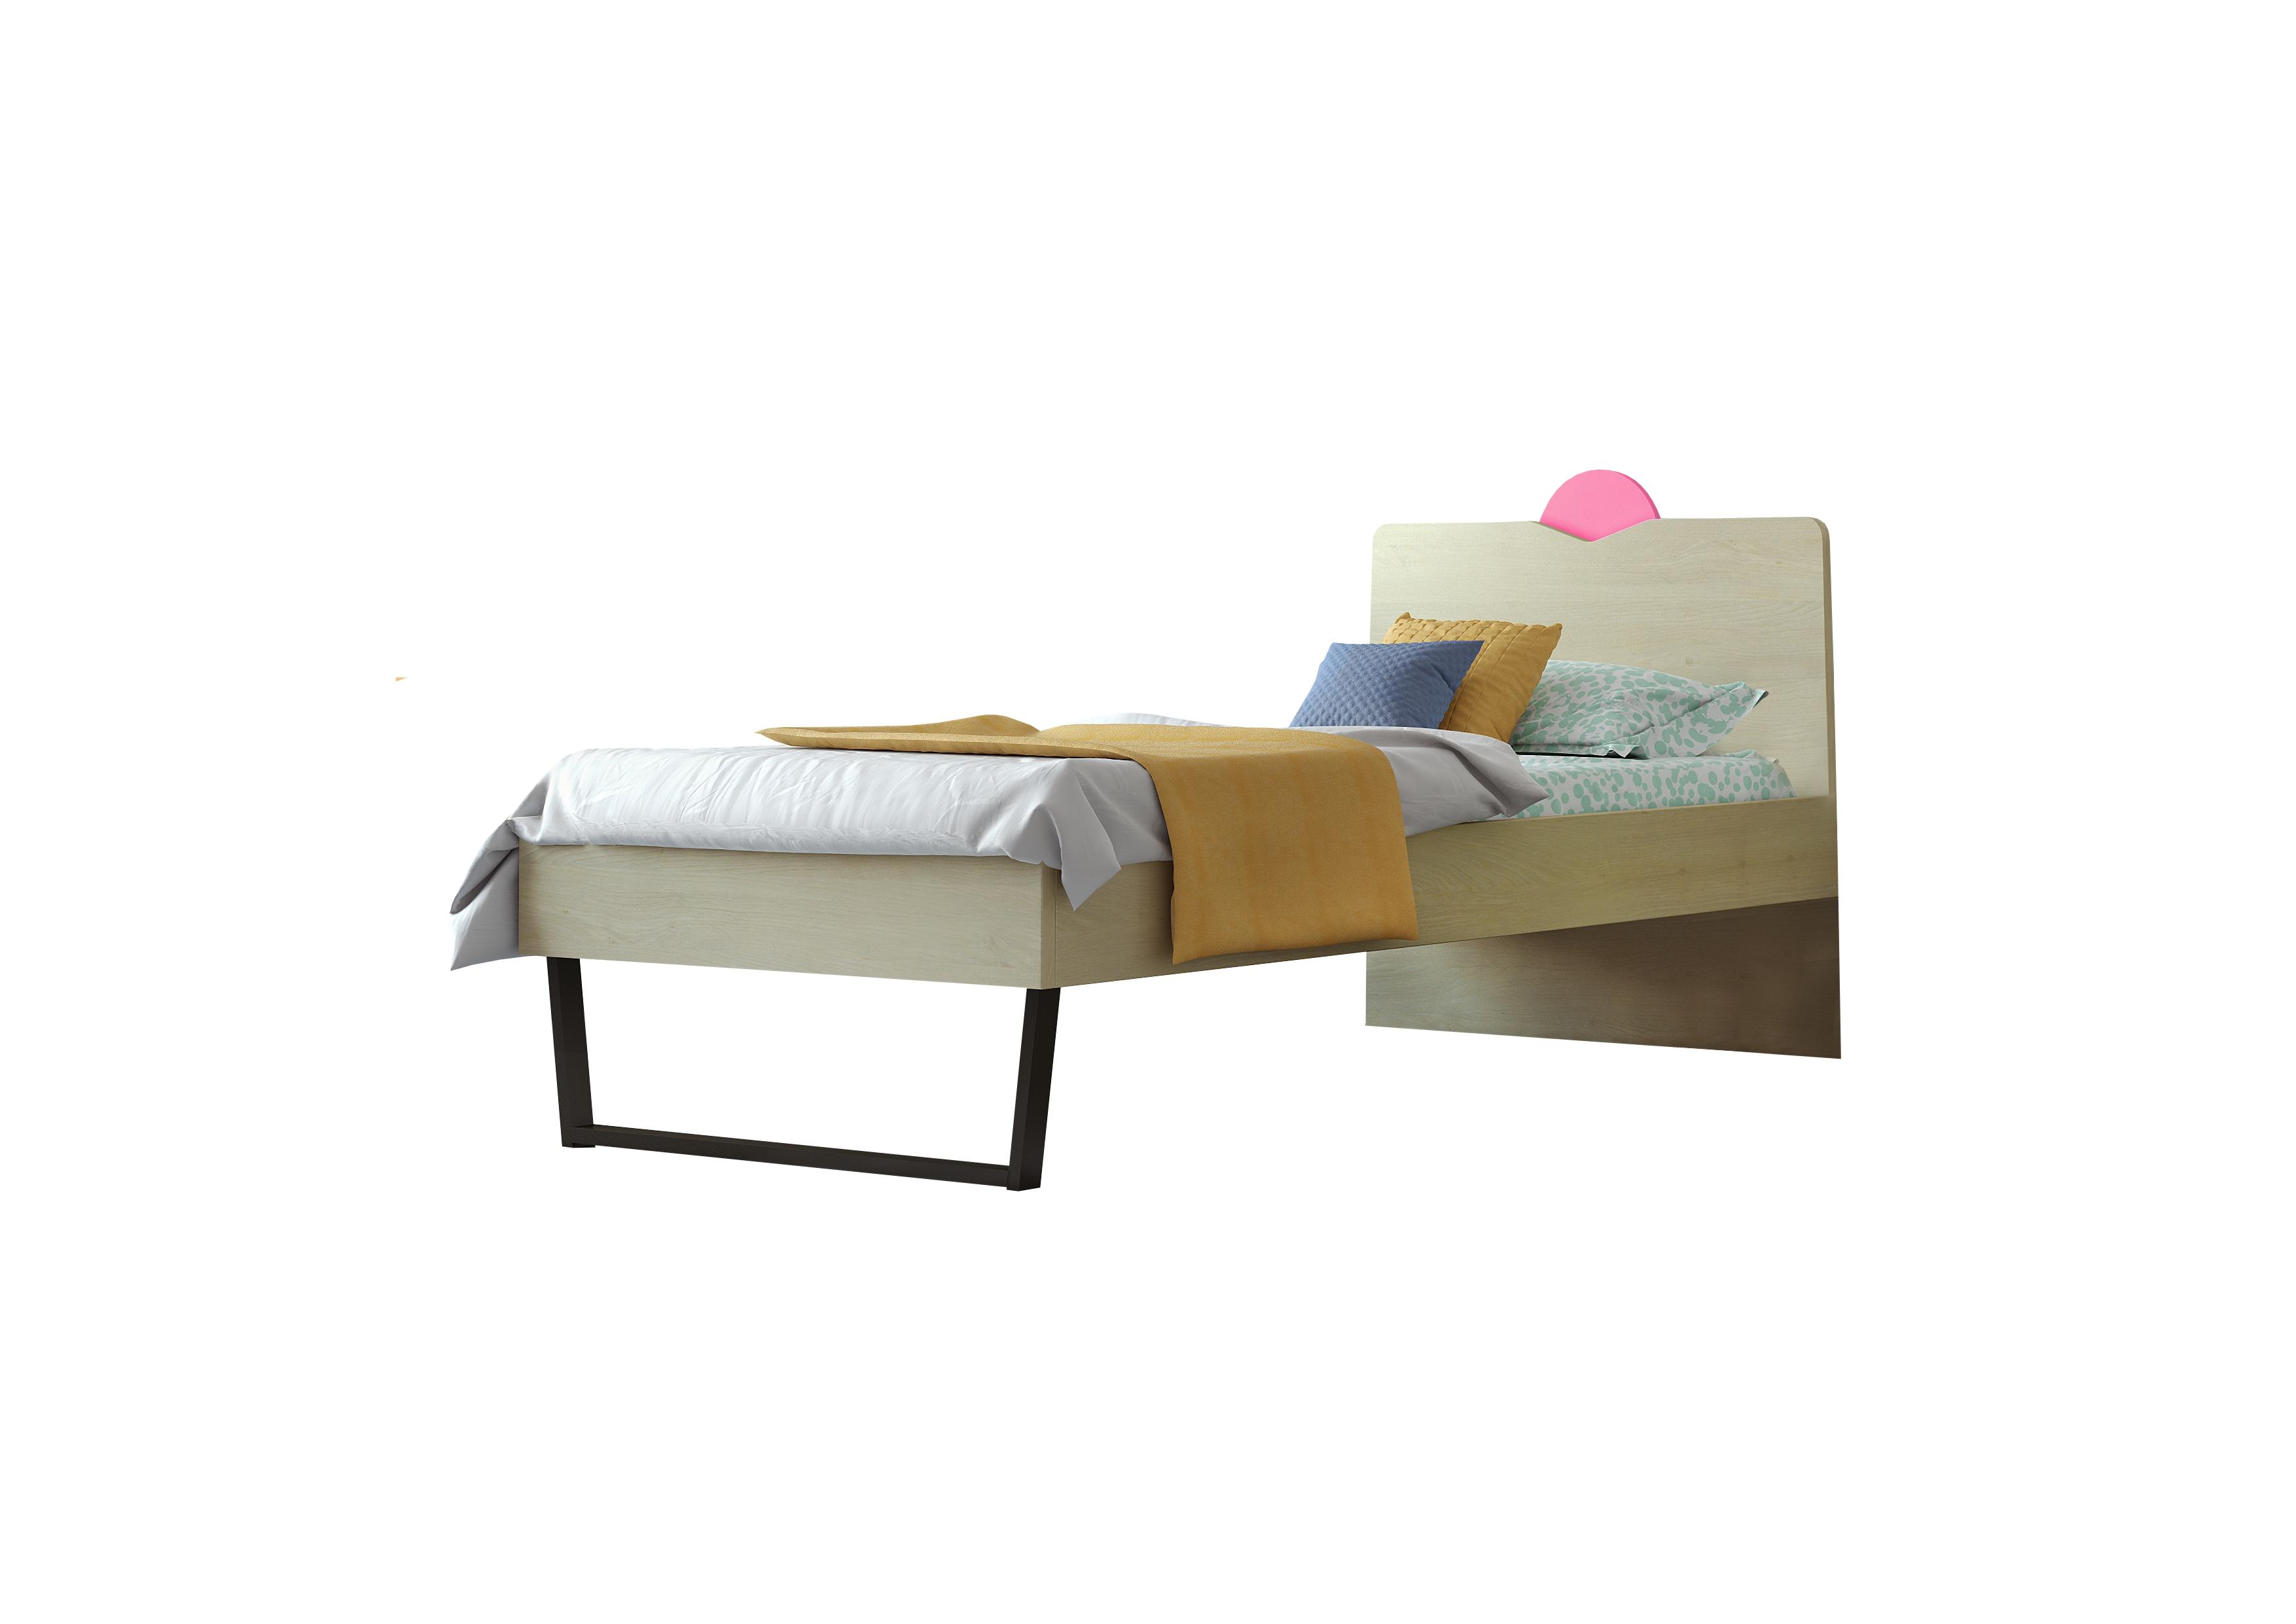 """Παιδικό κρεβάτι """"ΑΝΑΤΟΛΗ"""" ημίδιπλο σε χρώμα δρυς-ροζ 110x190"""